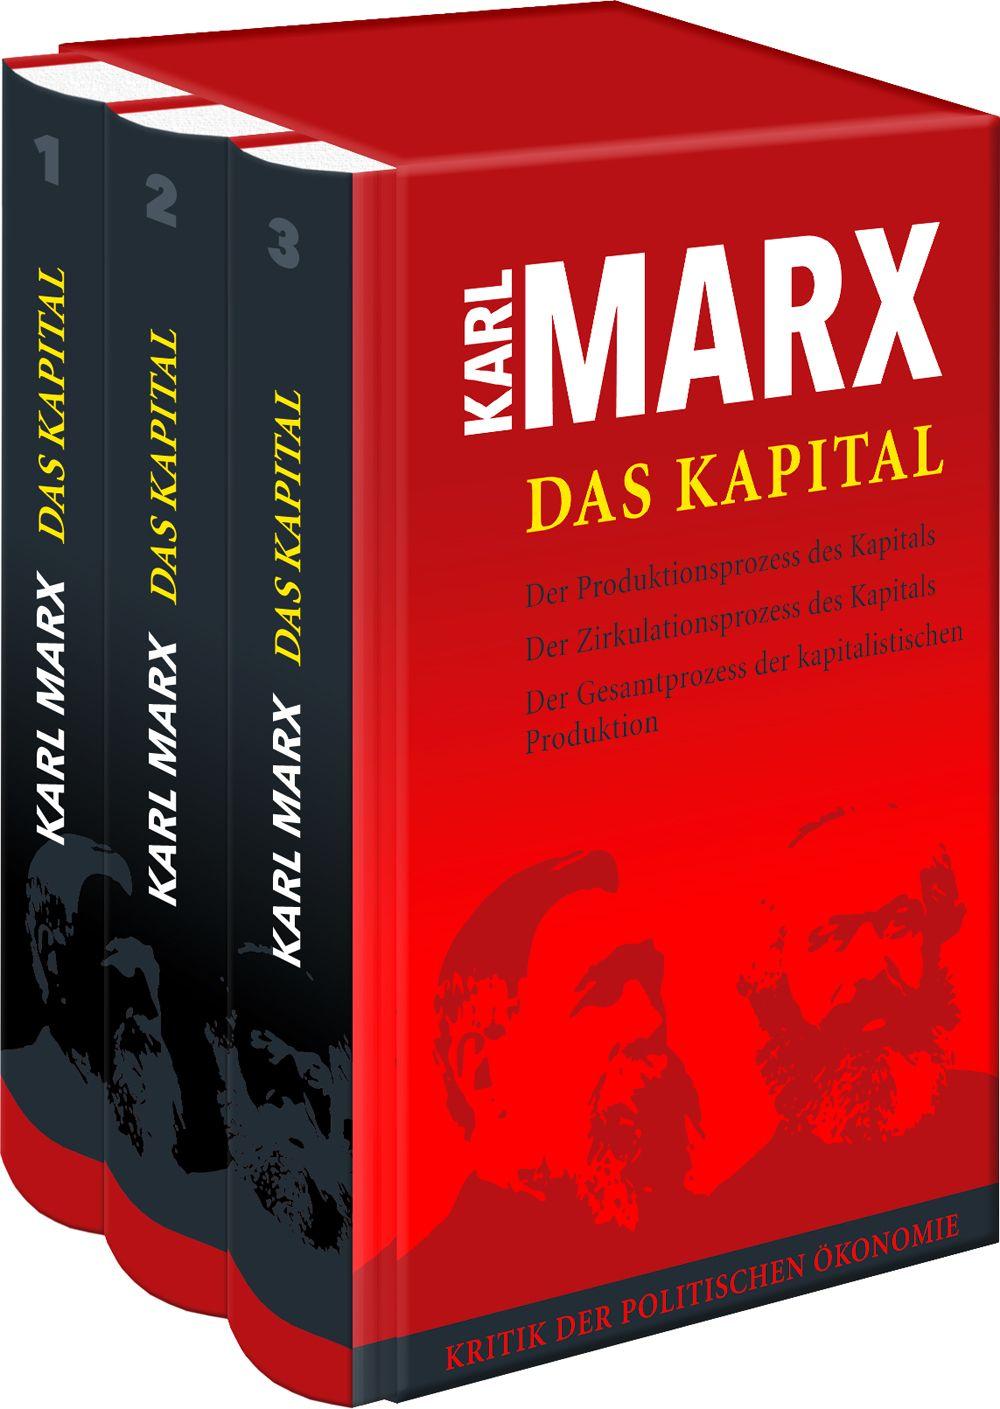 Karl Marx Das Kapital Vollständige Gesamtausgabe Von Marx Karl 3